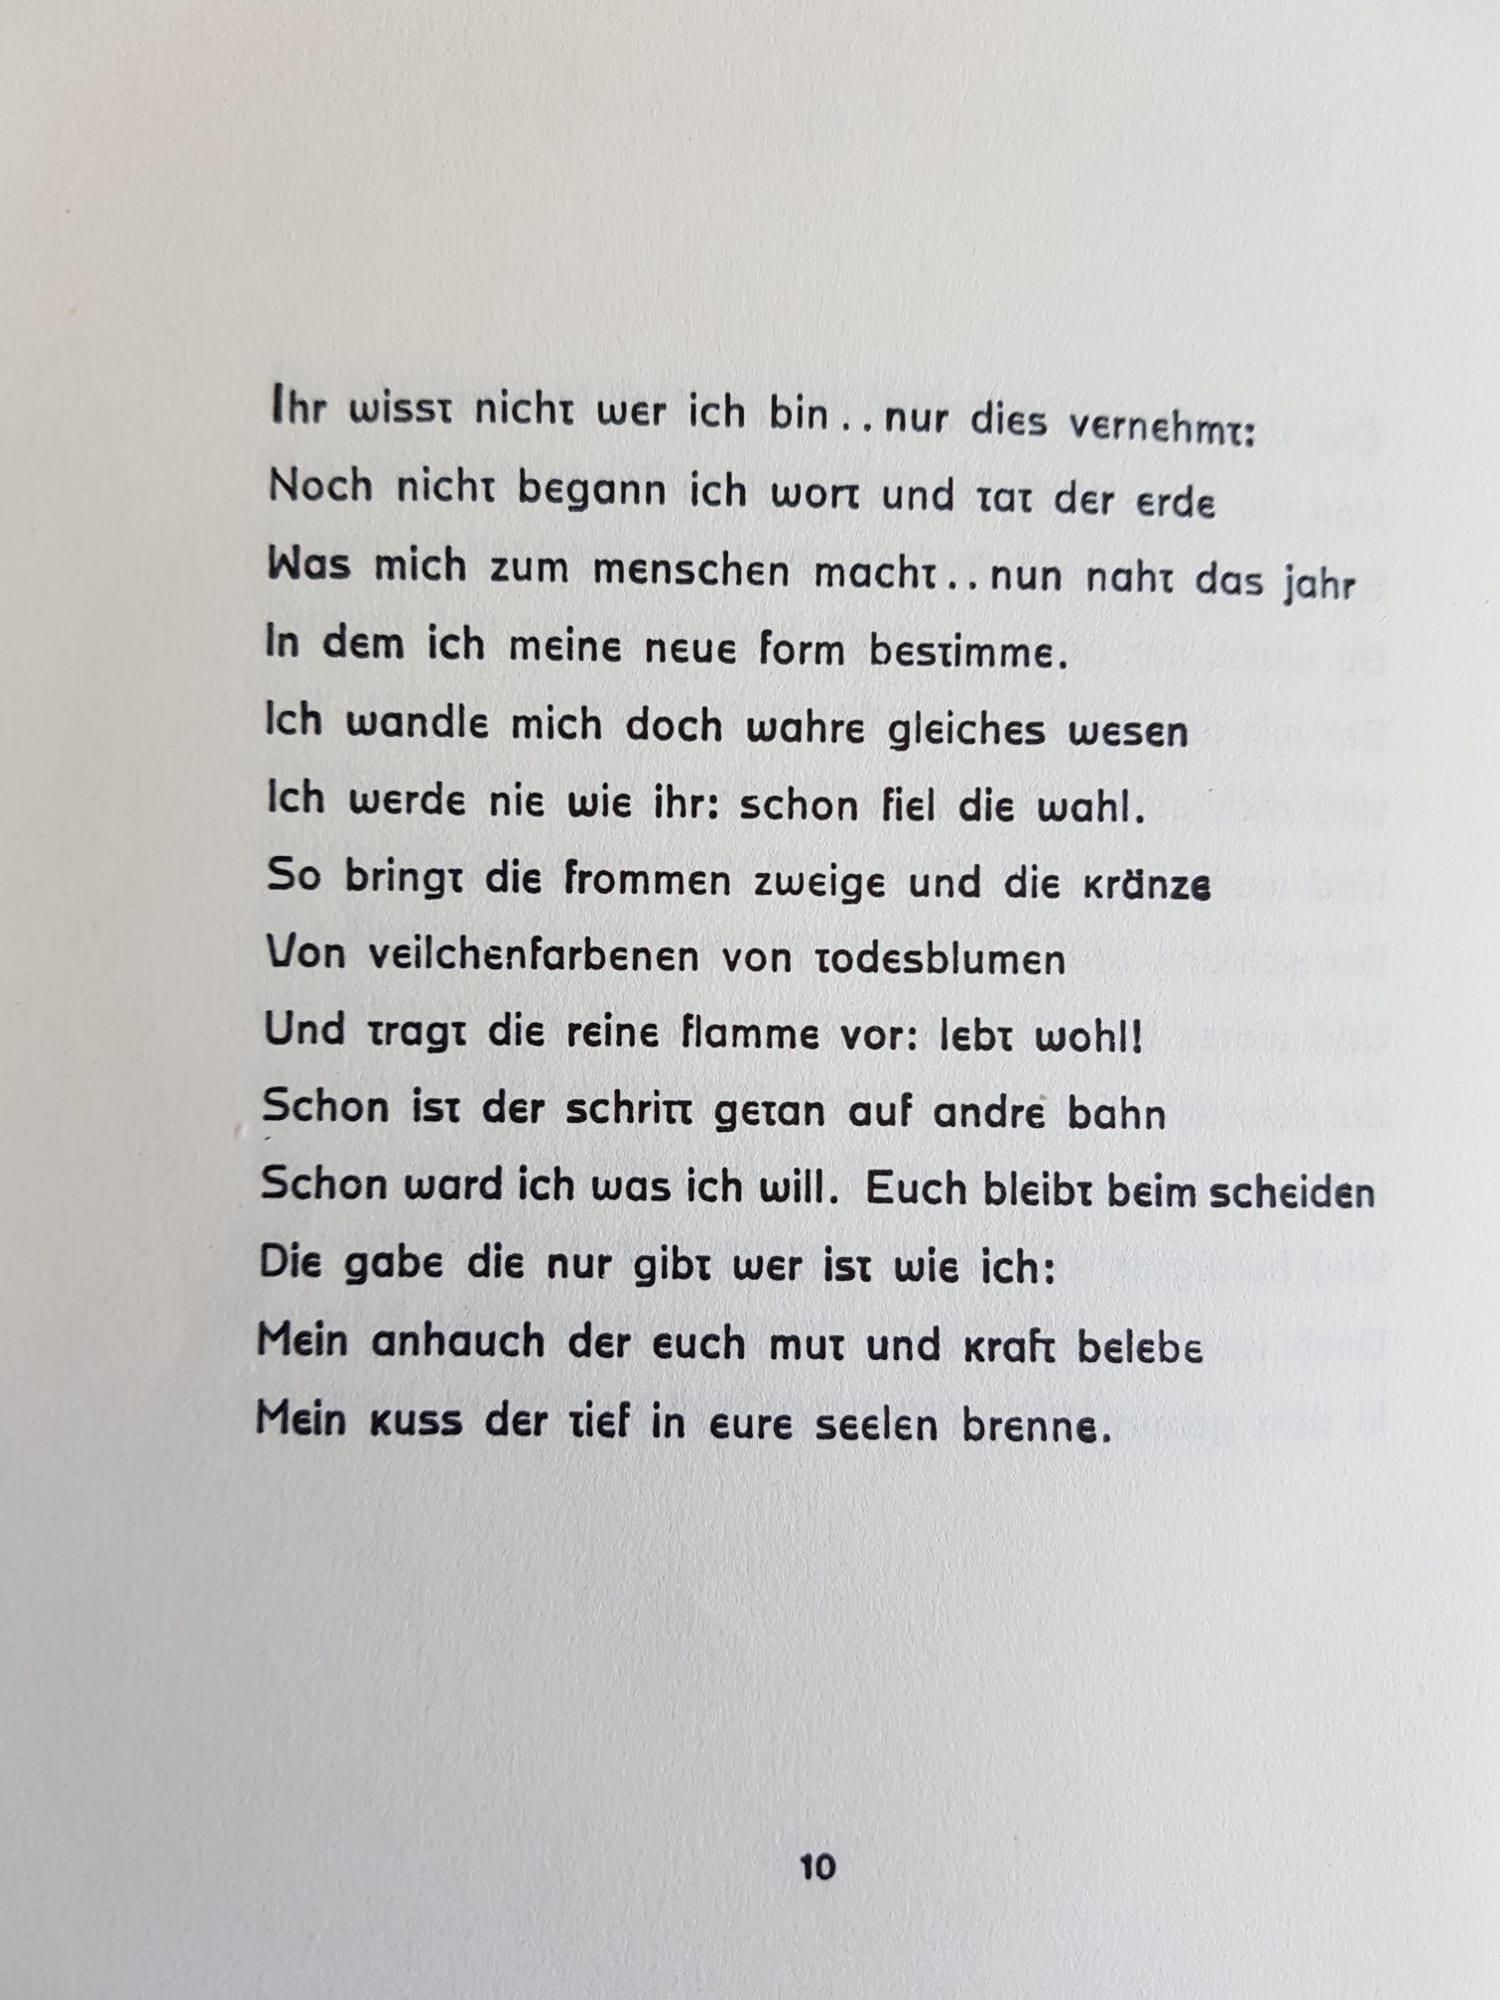 Stefan George - Ich wisst nicht wer ich bin..., aus 'Stern des Bundes' 1914